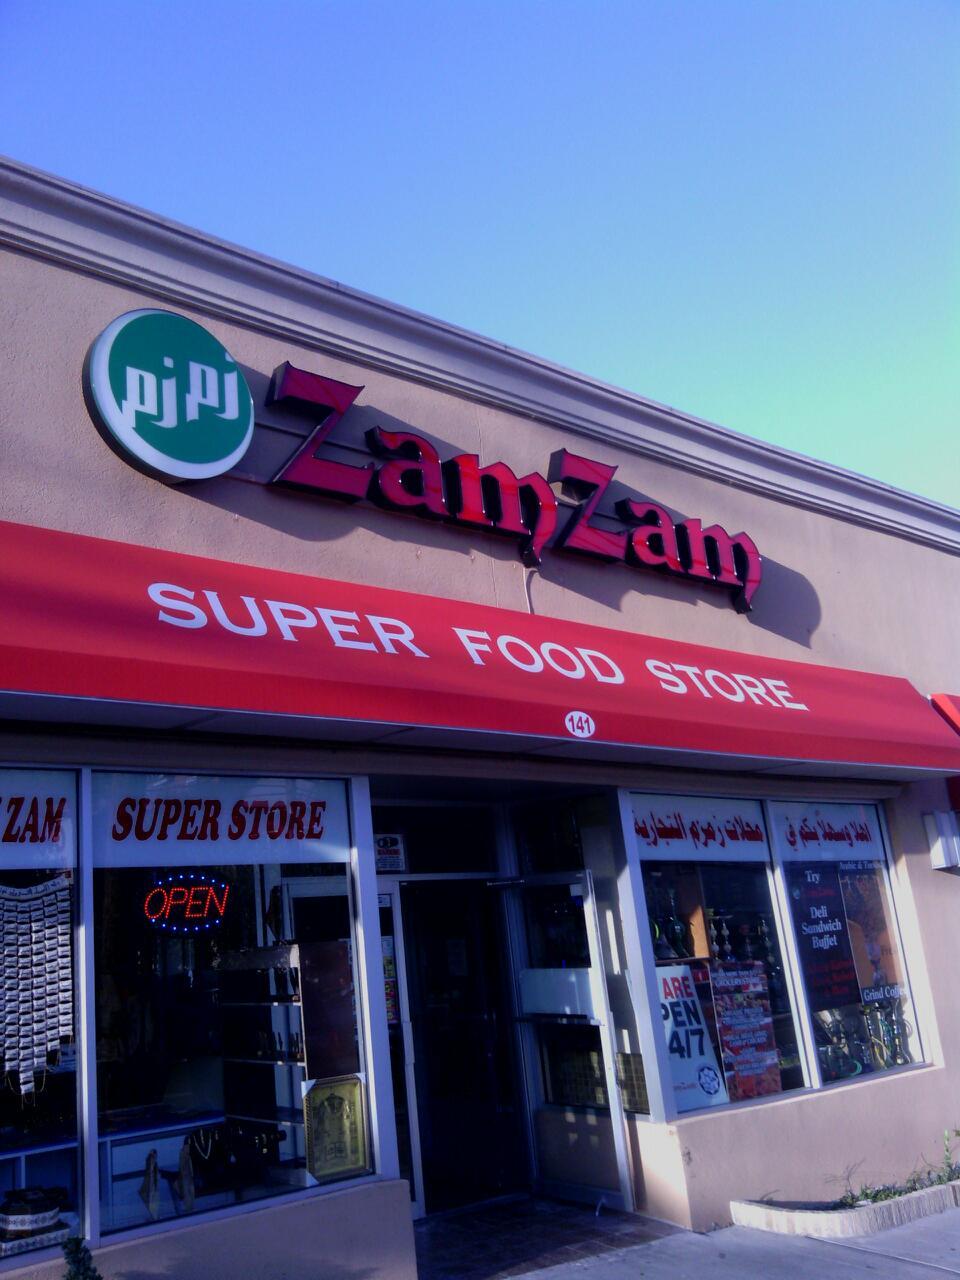 Zamzam, Paterson NJ